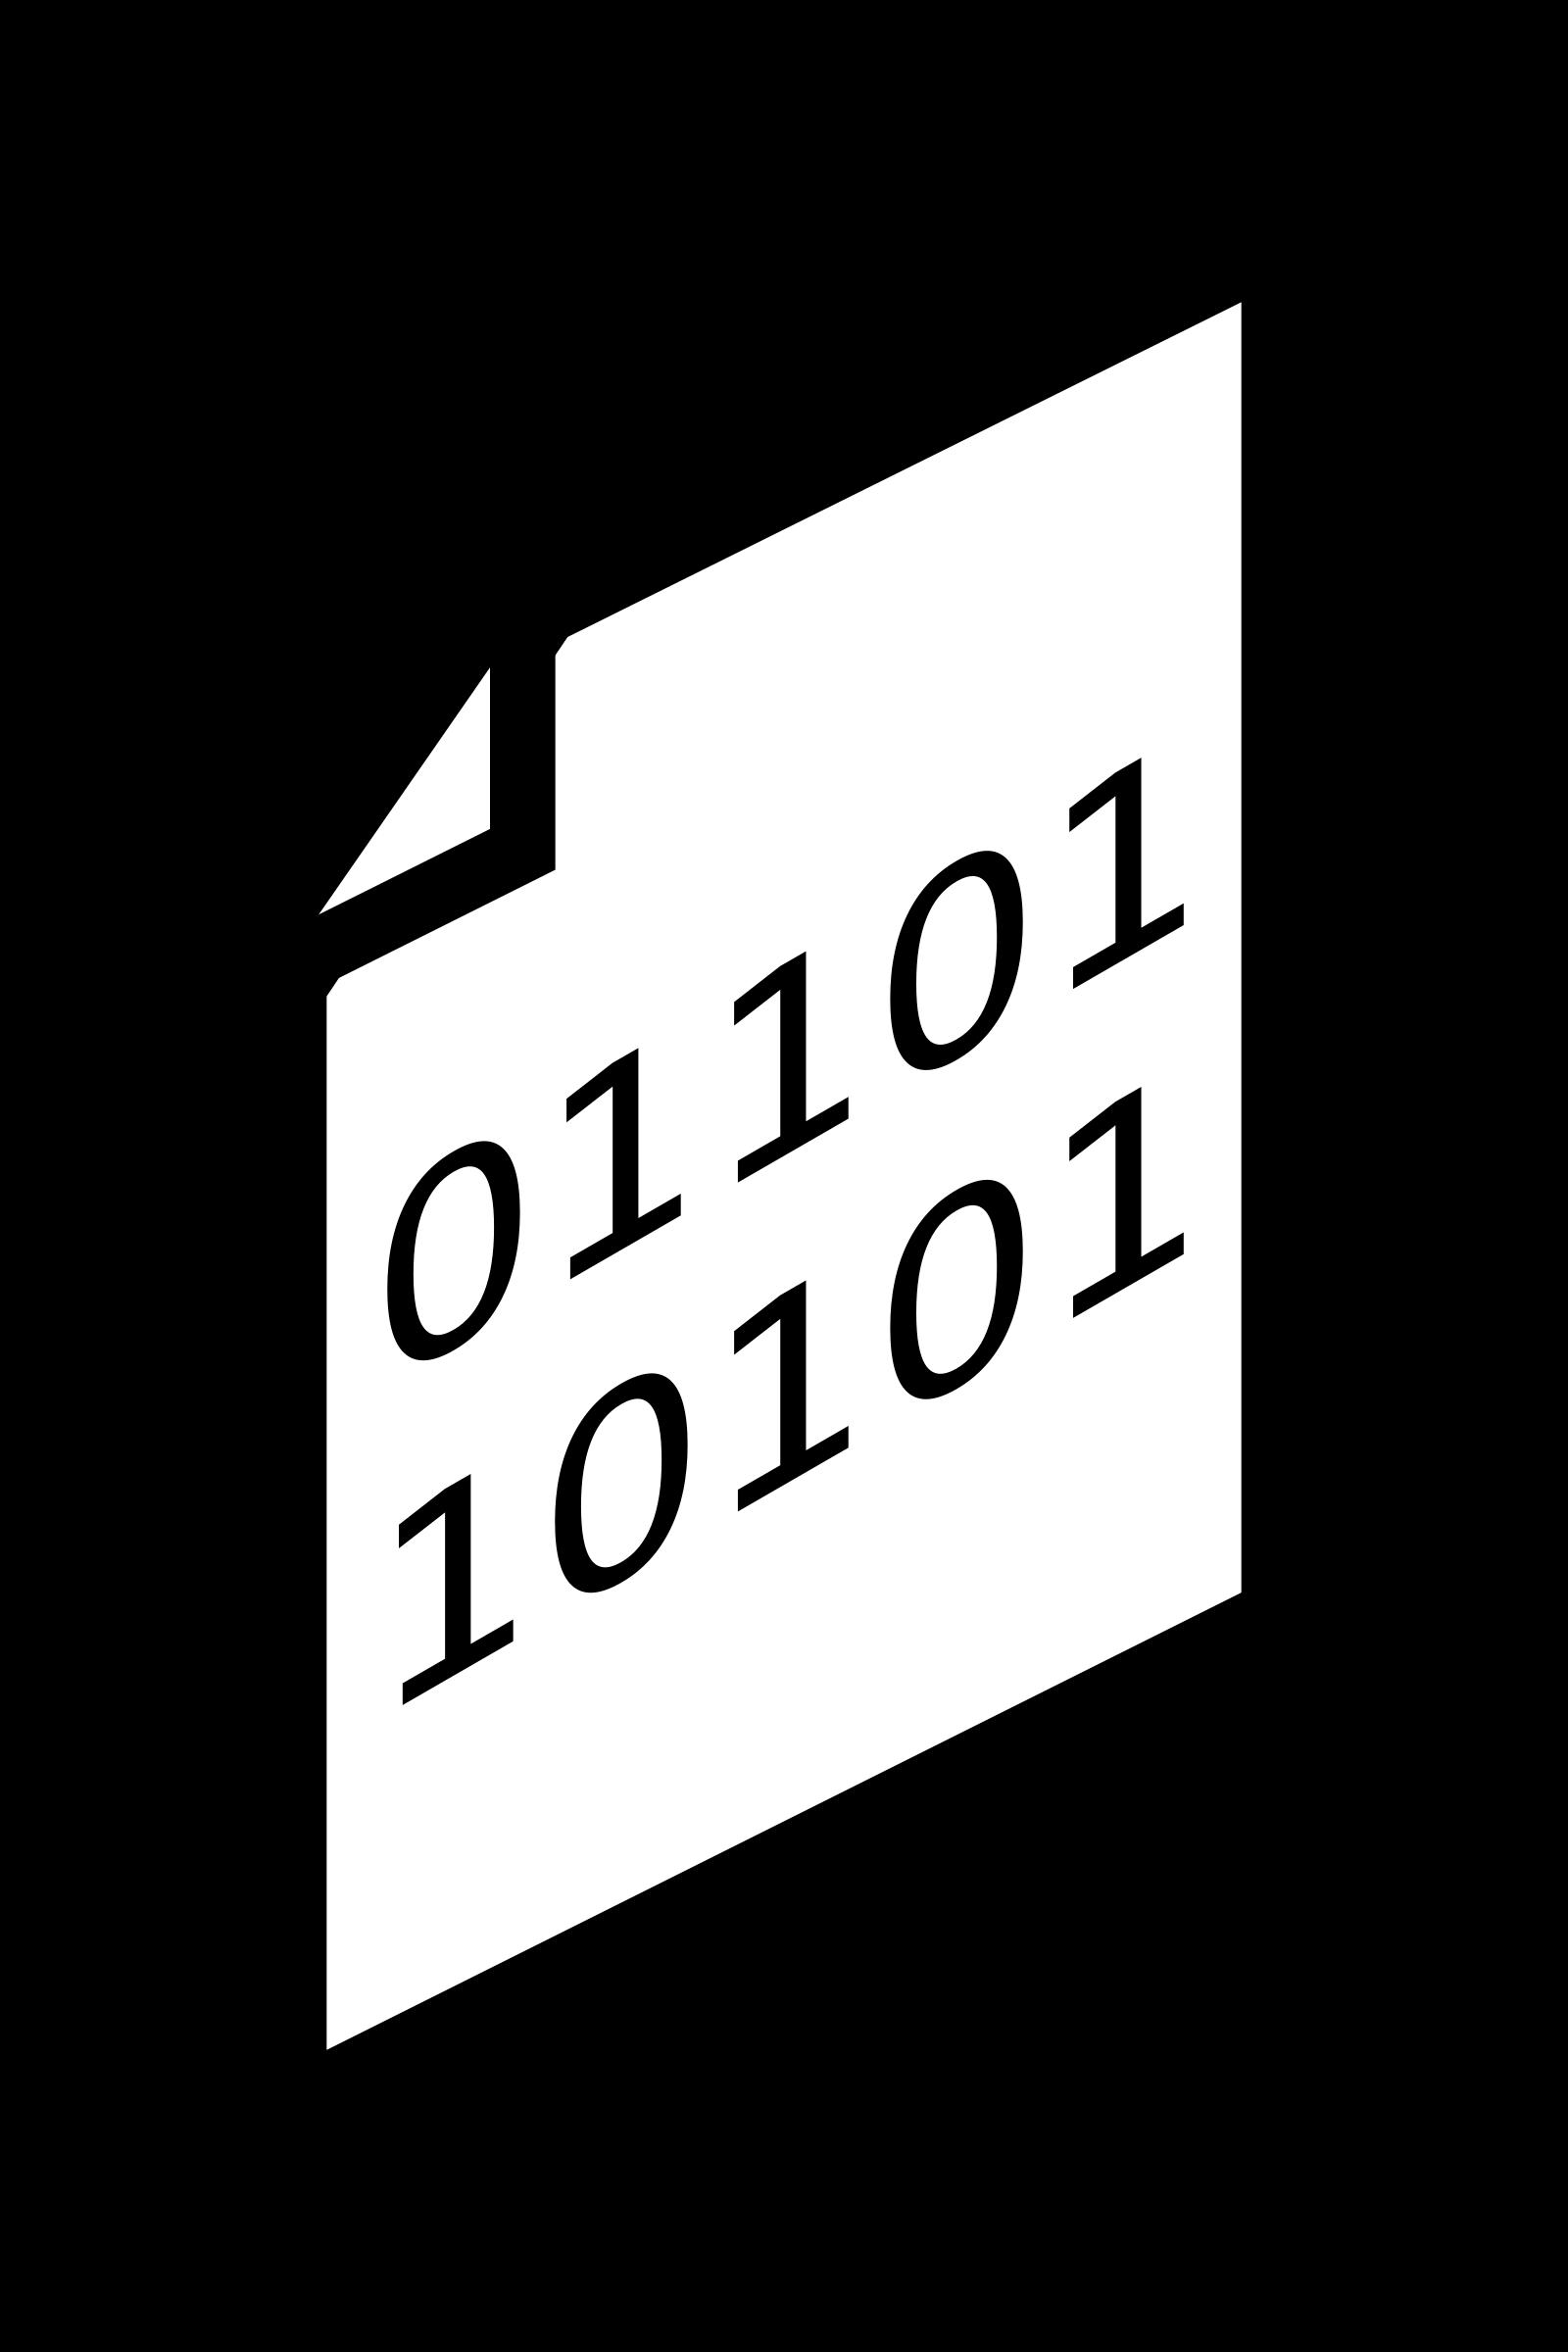 Binary clipart computer file #3